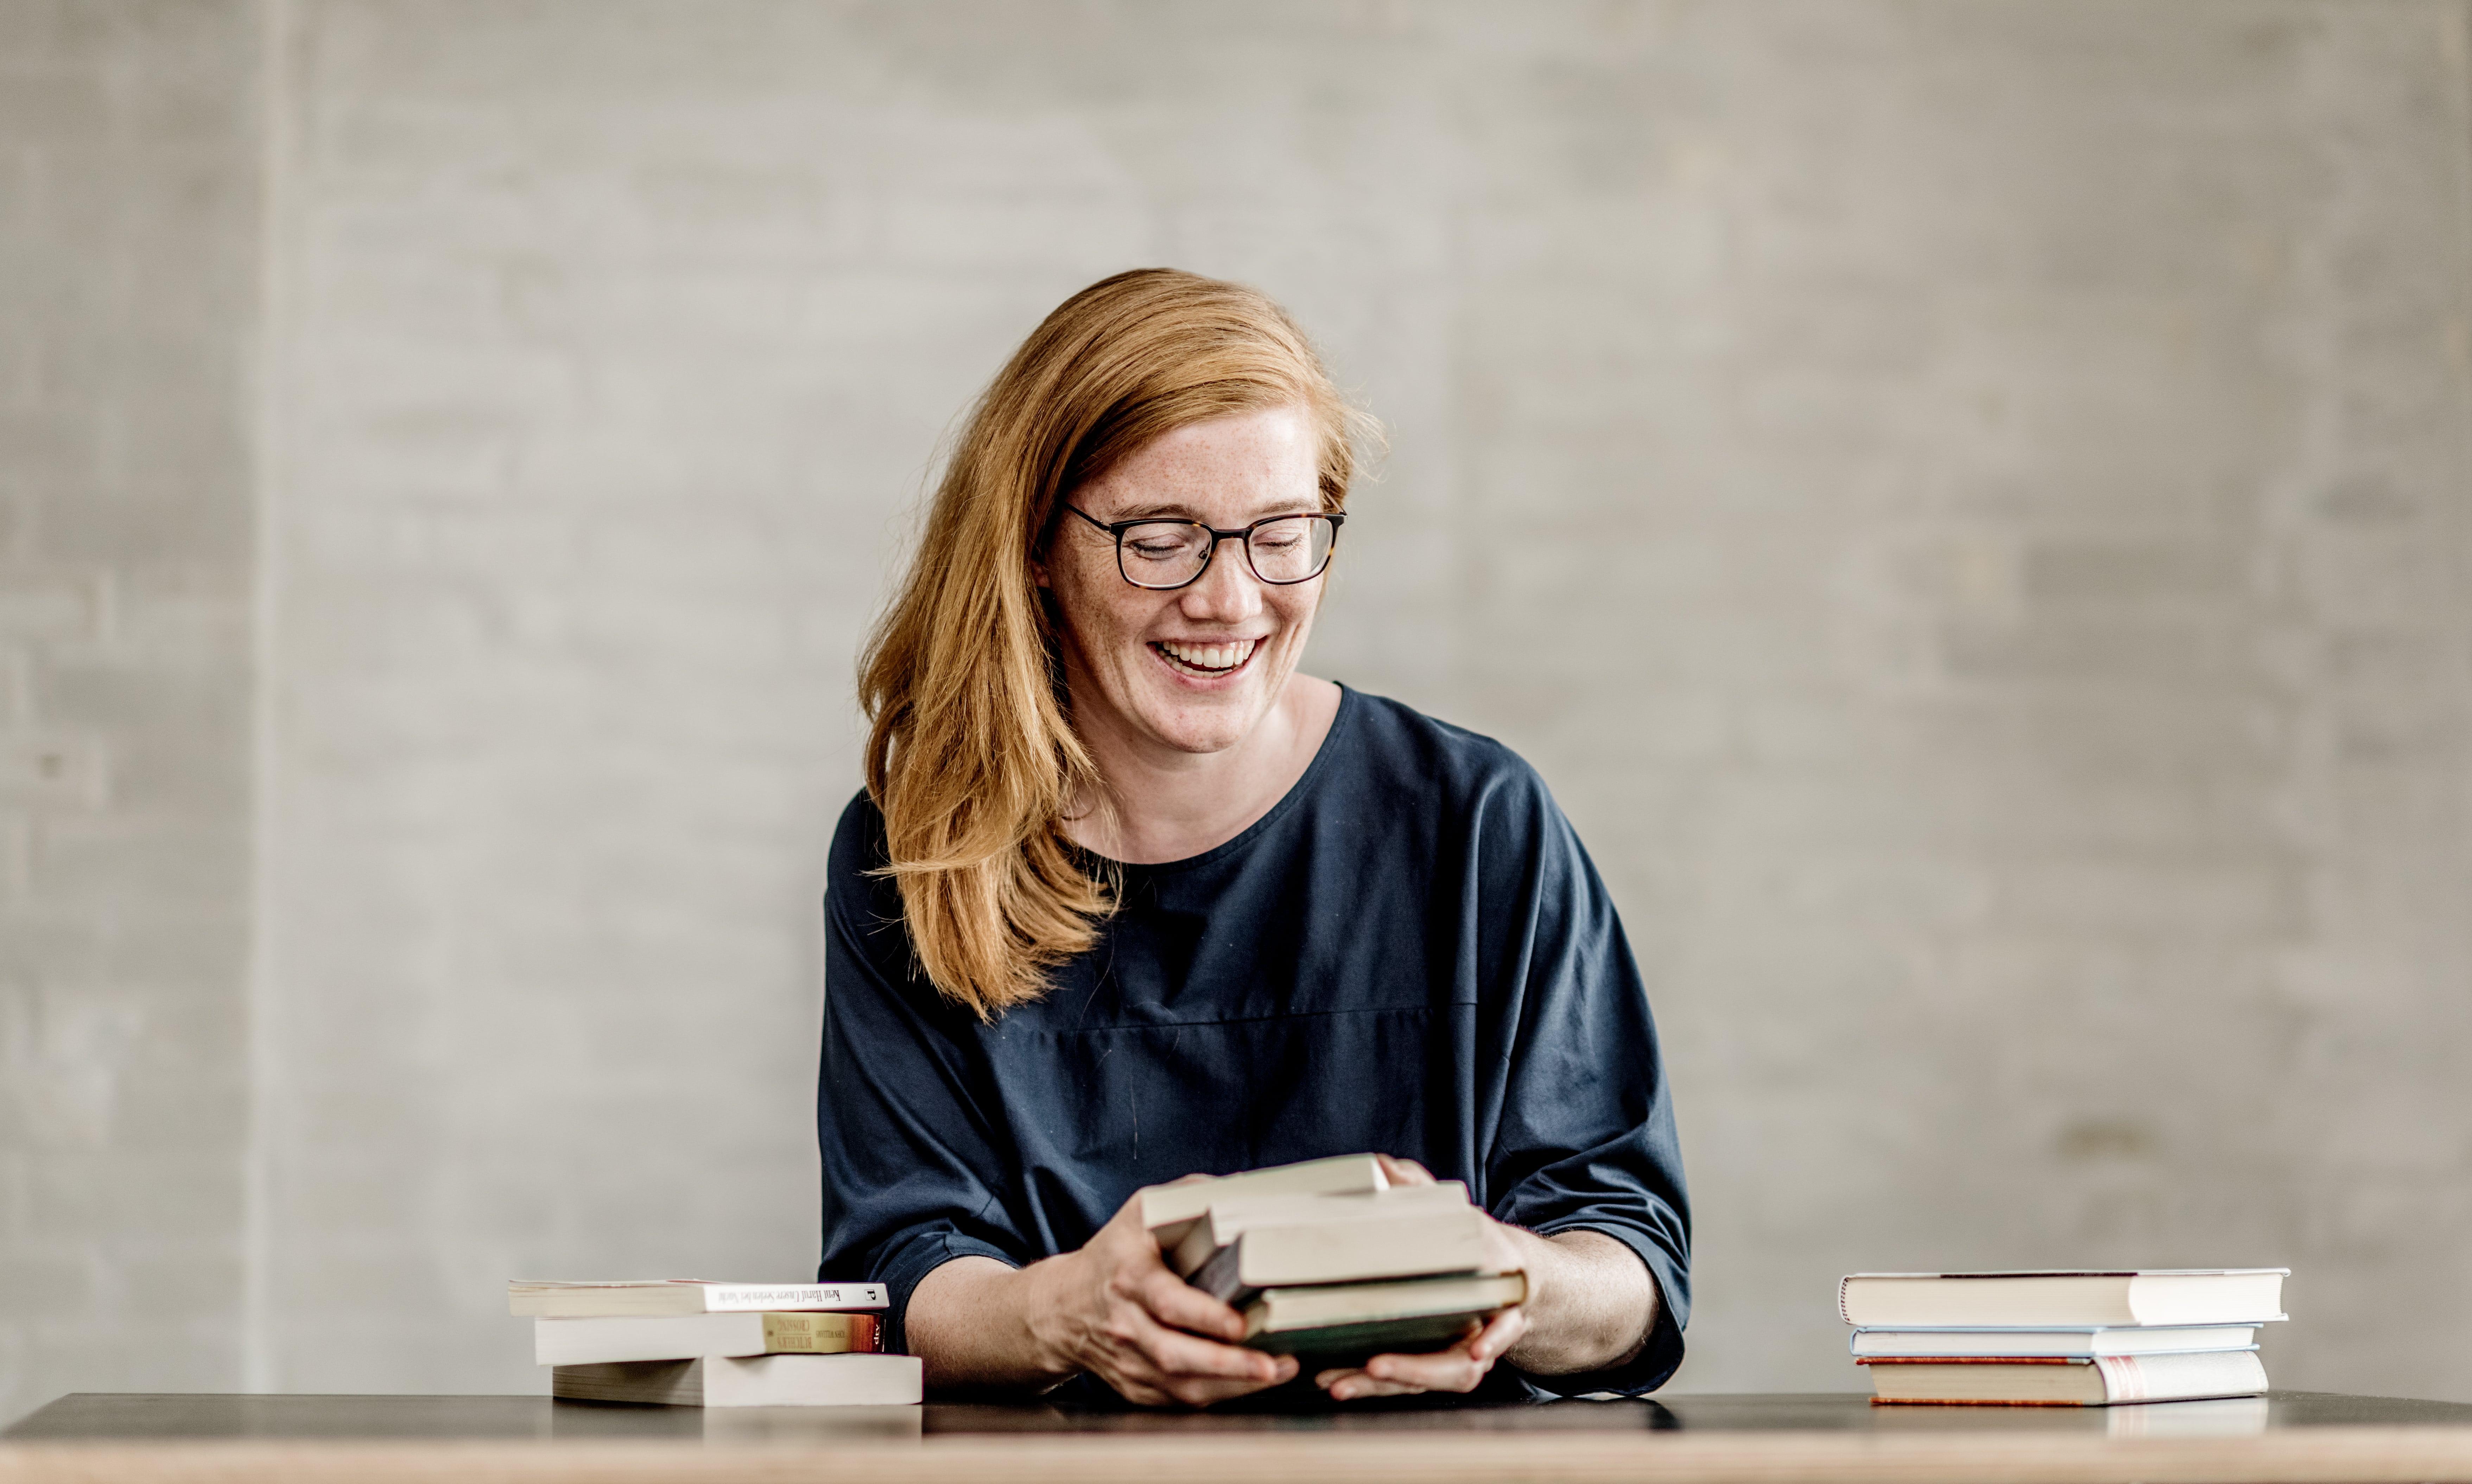 Lydia Zimmer freut sich darauf, dir die Bücher zu präsentieren, aus denen die Rezepte für den kulinarischen Literatur-Abend stammen. (© Mette Johnson)